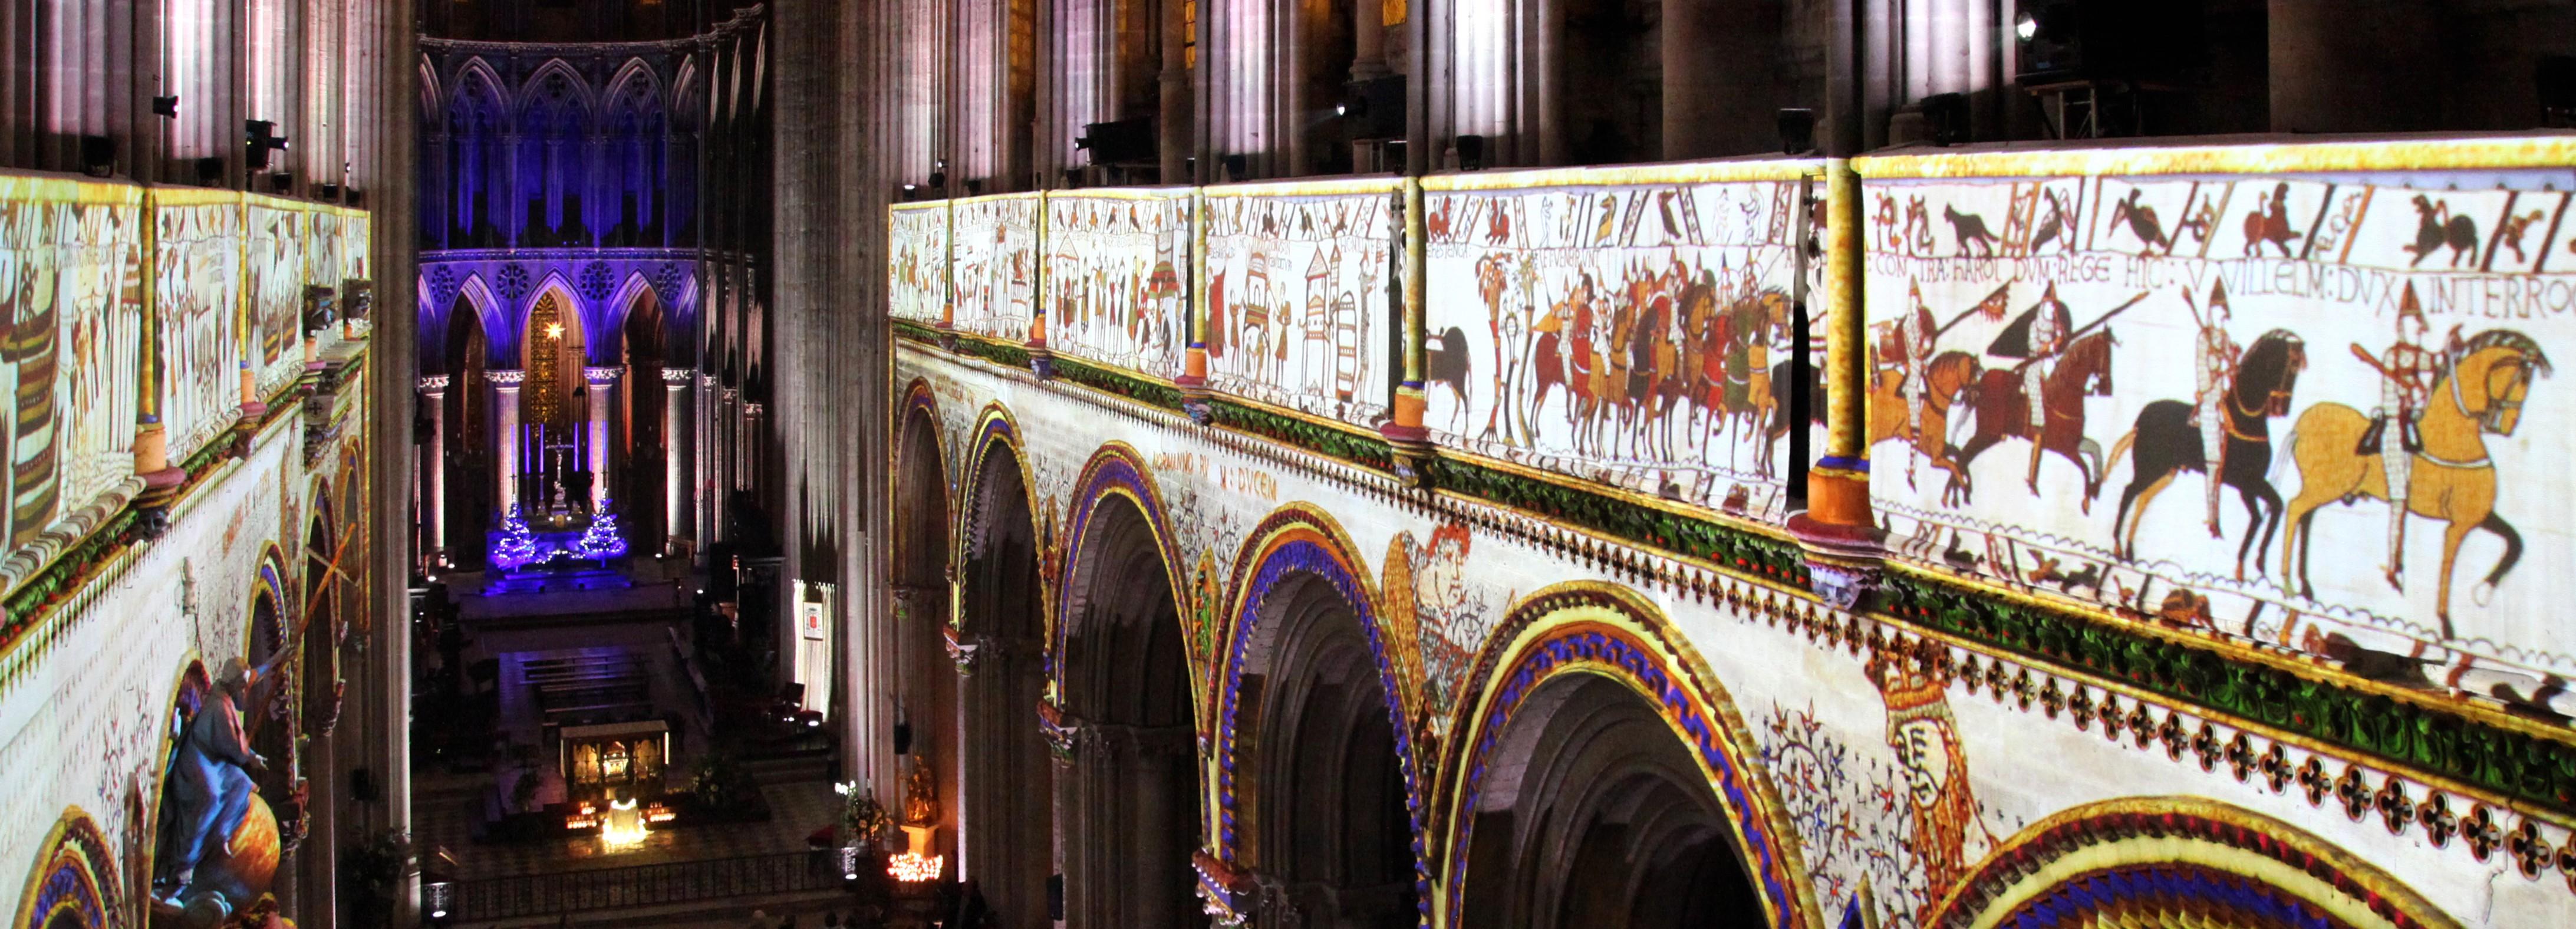 Cathédrale de Bayeux, spectacle tapisserie de Bayeux